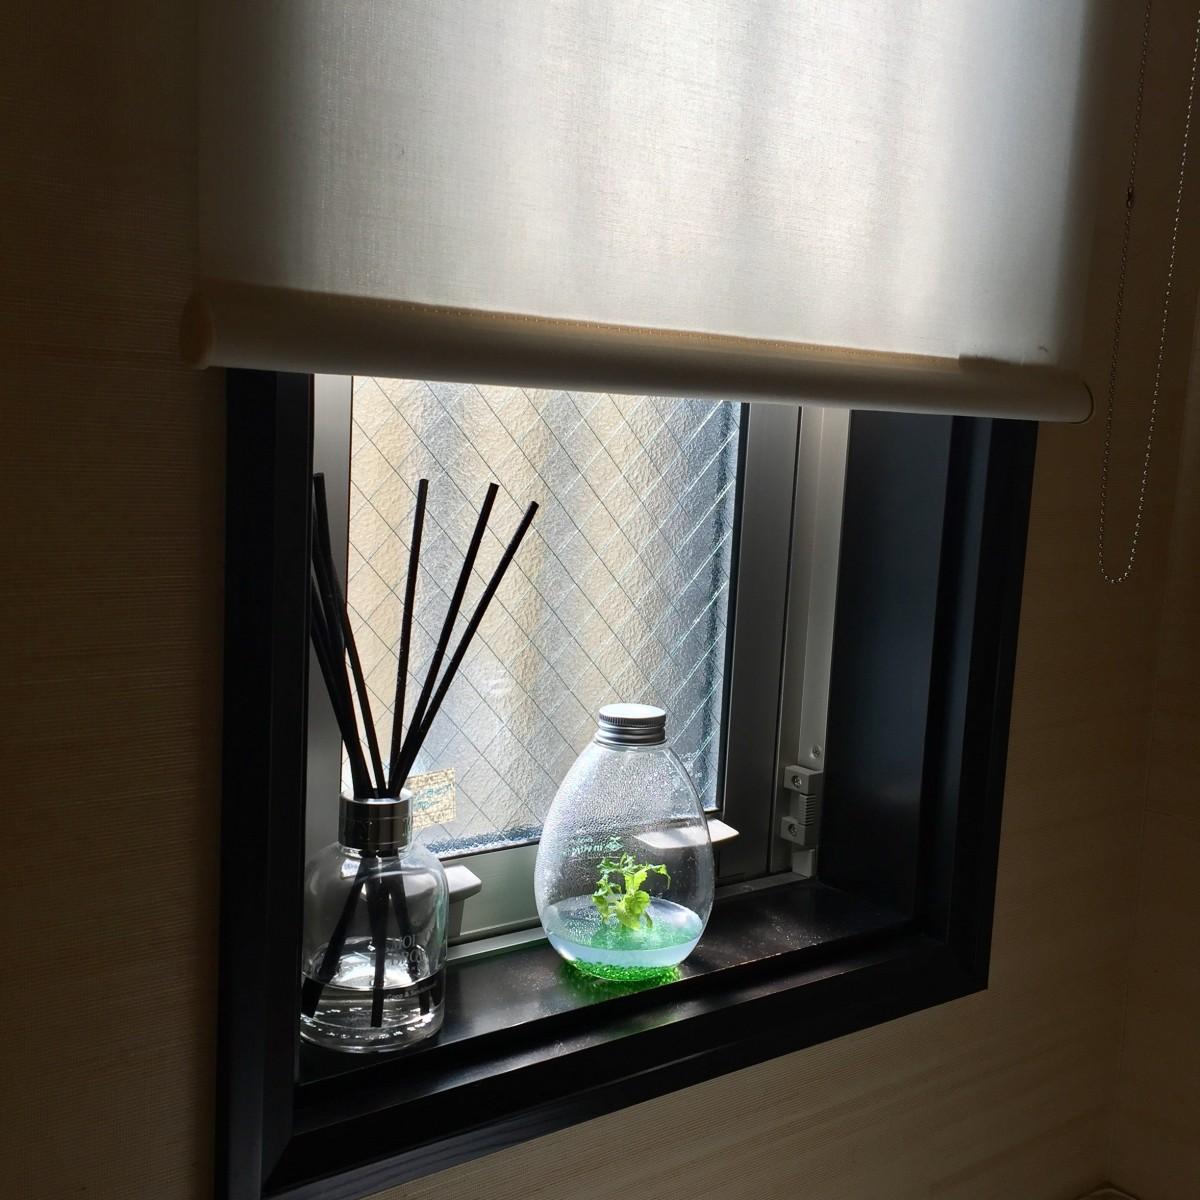 見つめる癒しどこに置く?!最先端バイオ「インビトロフラワー」水やり肥料の心配はなし、私の隣で花が咲く。「もう枯らせない!」たまご形ボトルの中は無菌、虫も水こぼれの心配もなし。